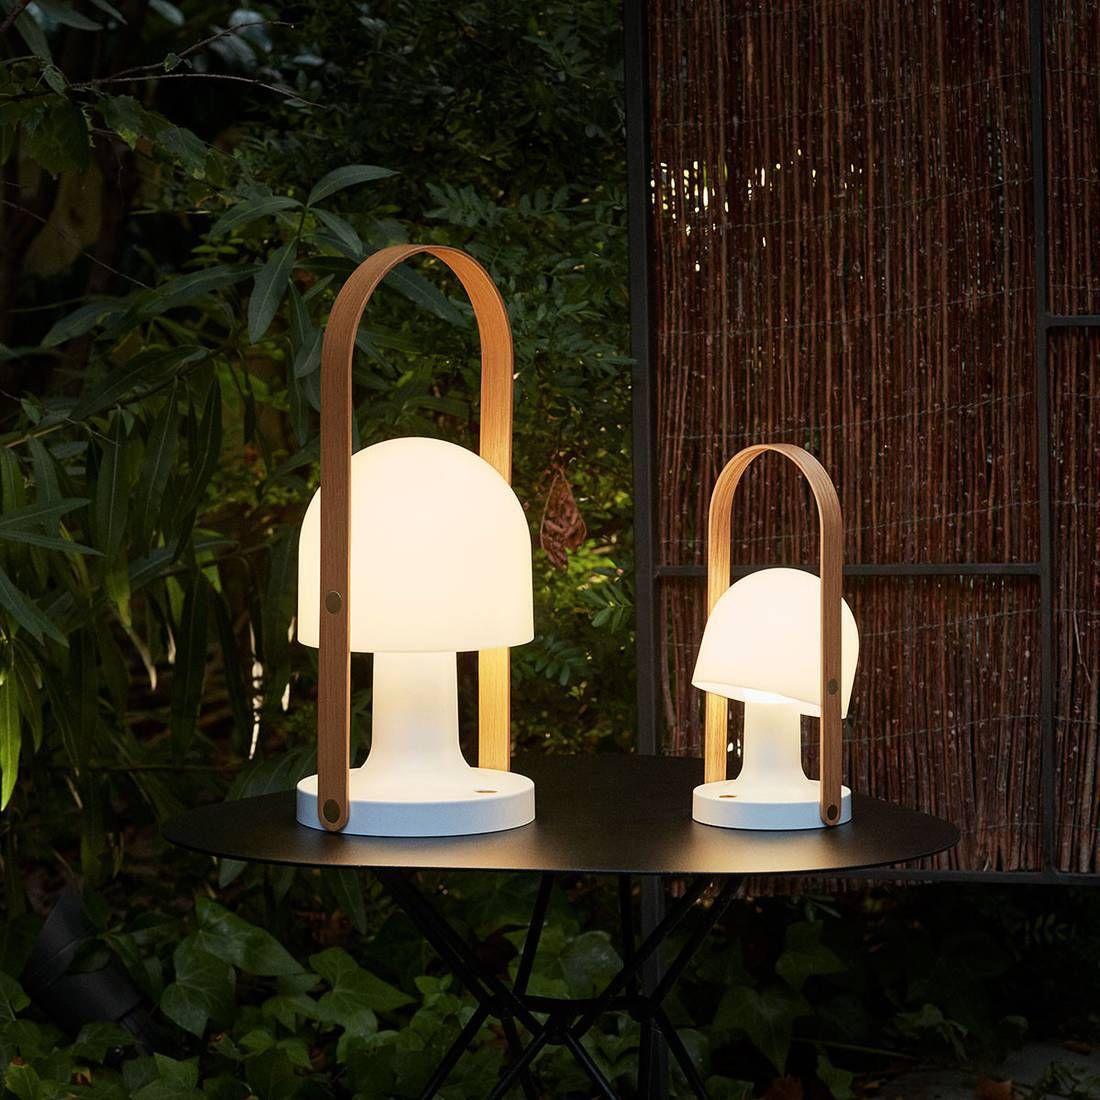 Lampe Baladeuse Led Rechargeable De La Collection Follow Me Plus De Marset Composee D 39 Une Structure En Polyca Baladeuse Led Lampe Design Luminaire En Rotin